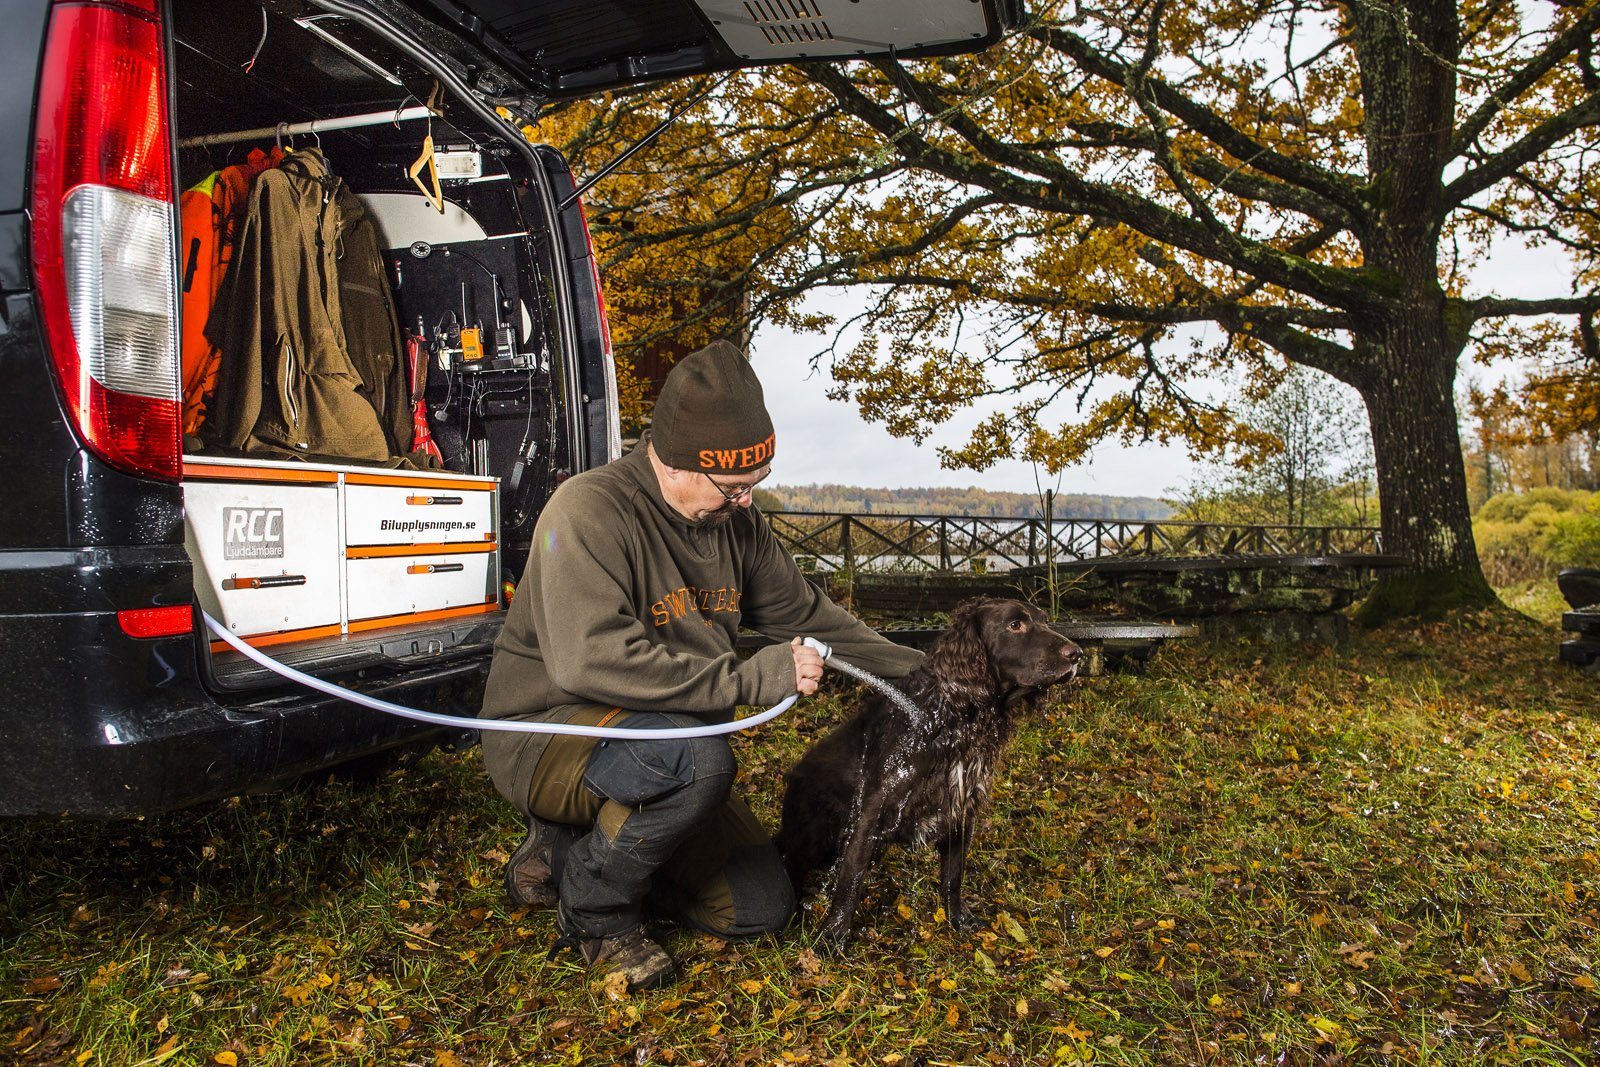 Hundarna blir ofta smutsiga under en jakt och då är det skönt att kunna skölja av dem innan de hoppar in i bilen. Vattnet håller en temperatur på runt 16-17 grader.